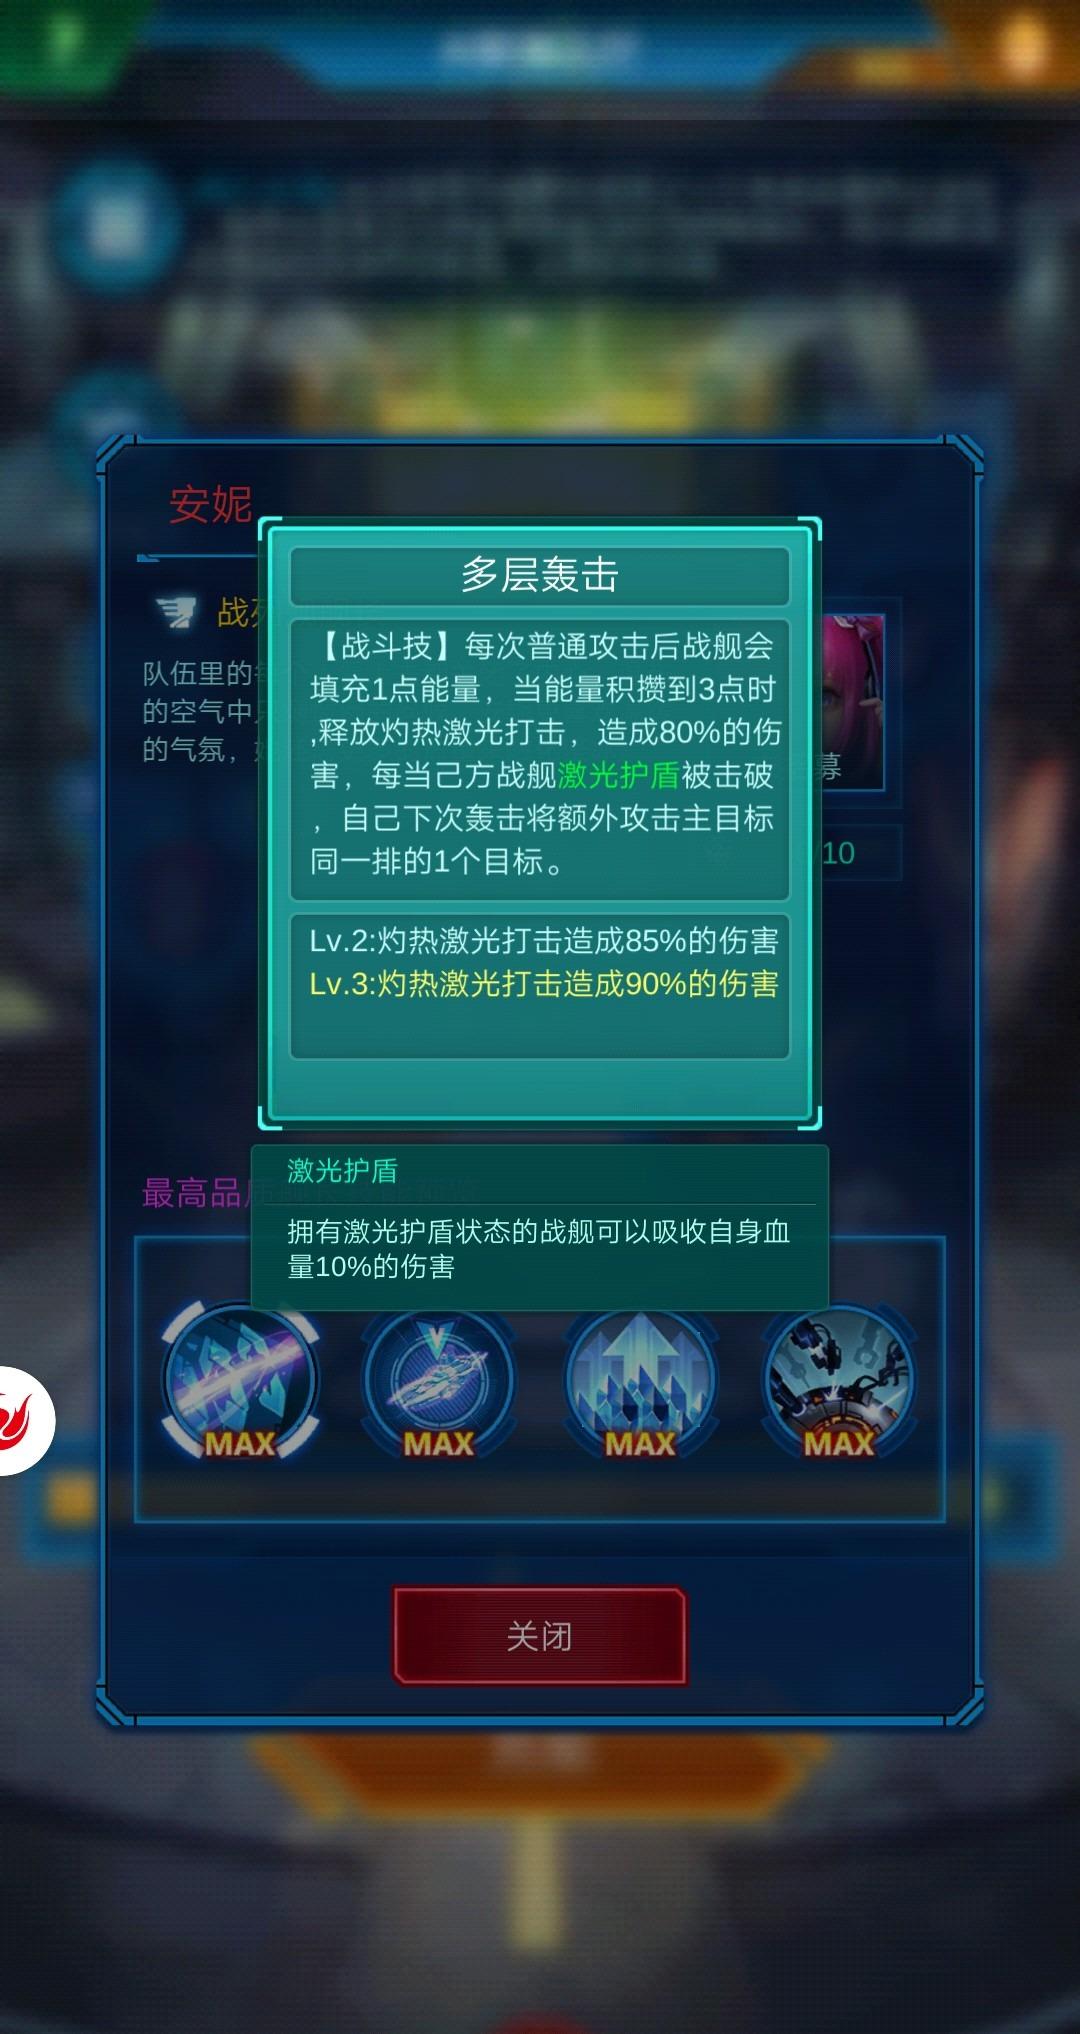 Screenshot_2020_0601_231546.jpg